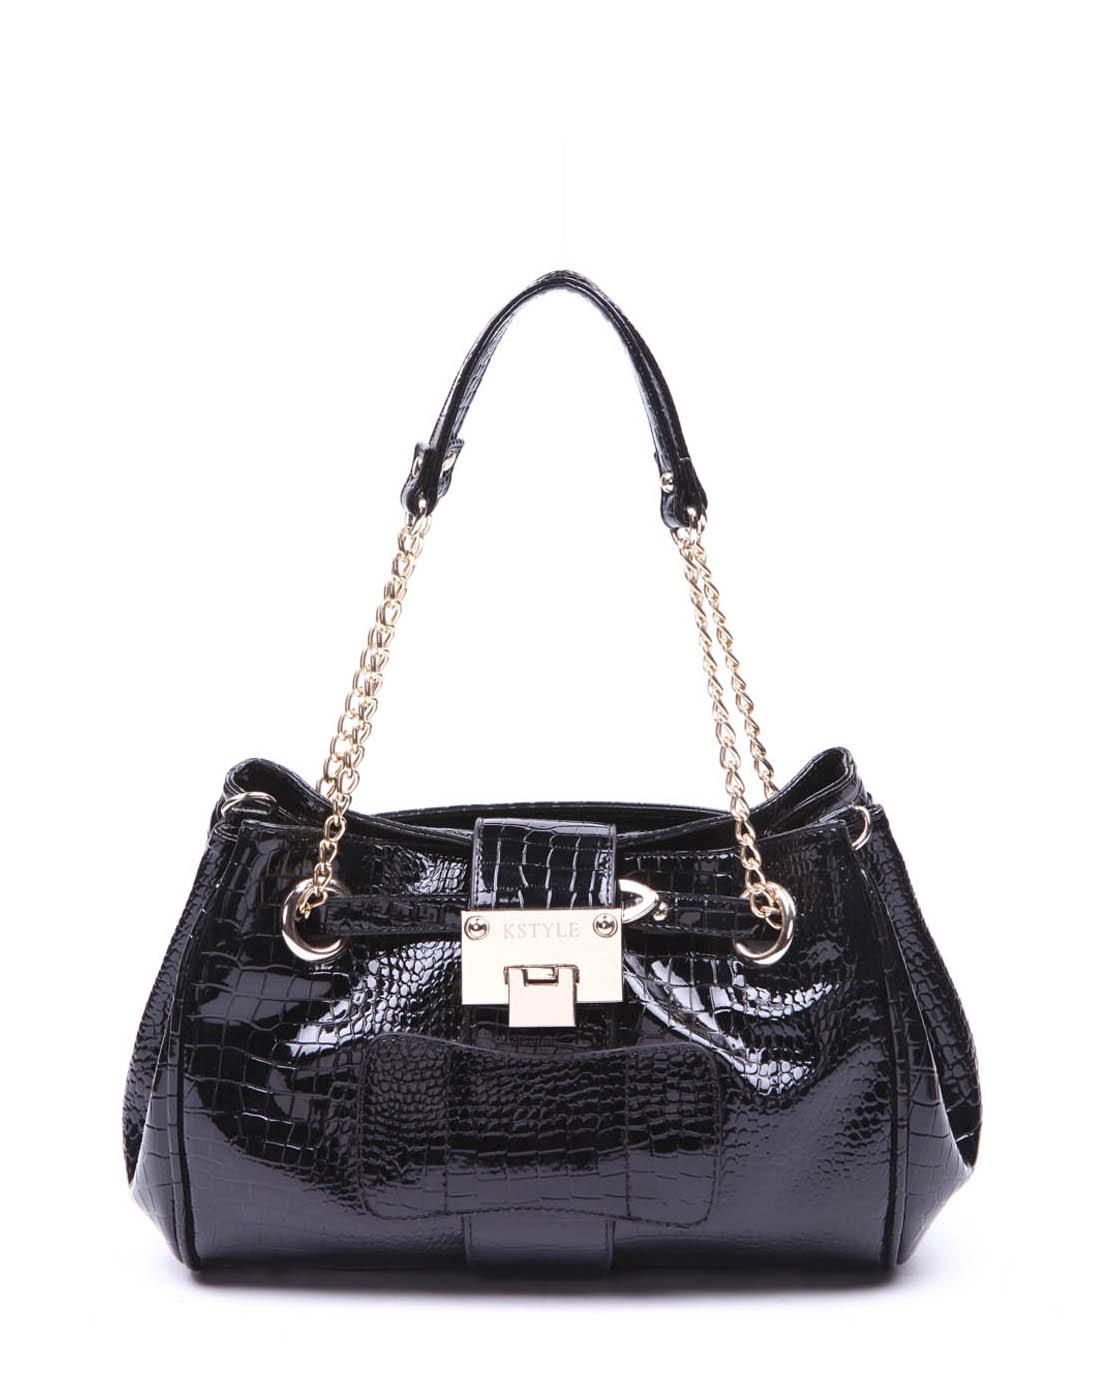 凯丝莱尔k style黑色欧美时尚鳄鱼纹单肩斜挎女包76